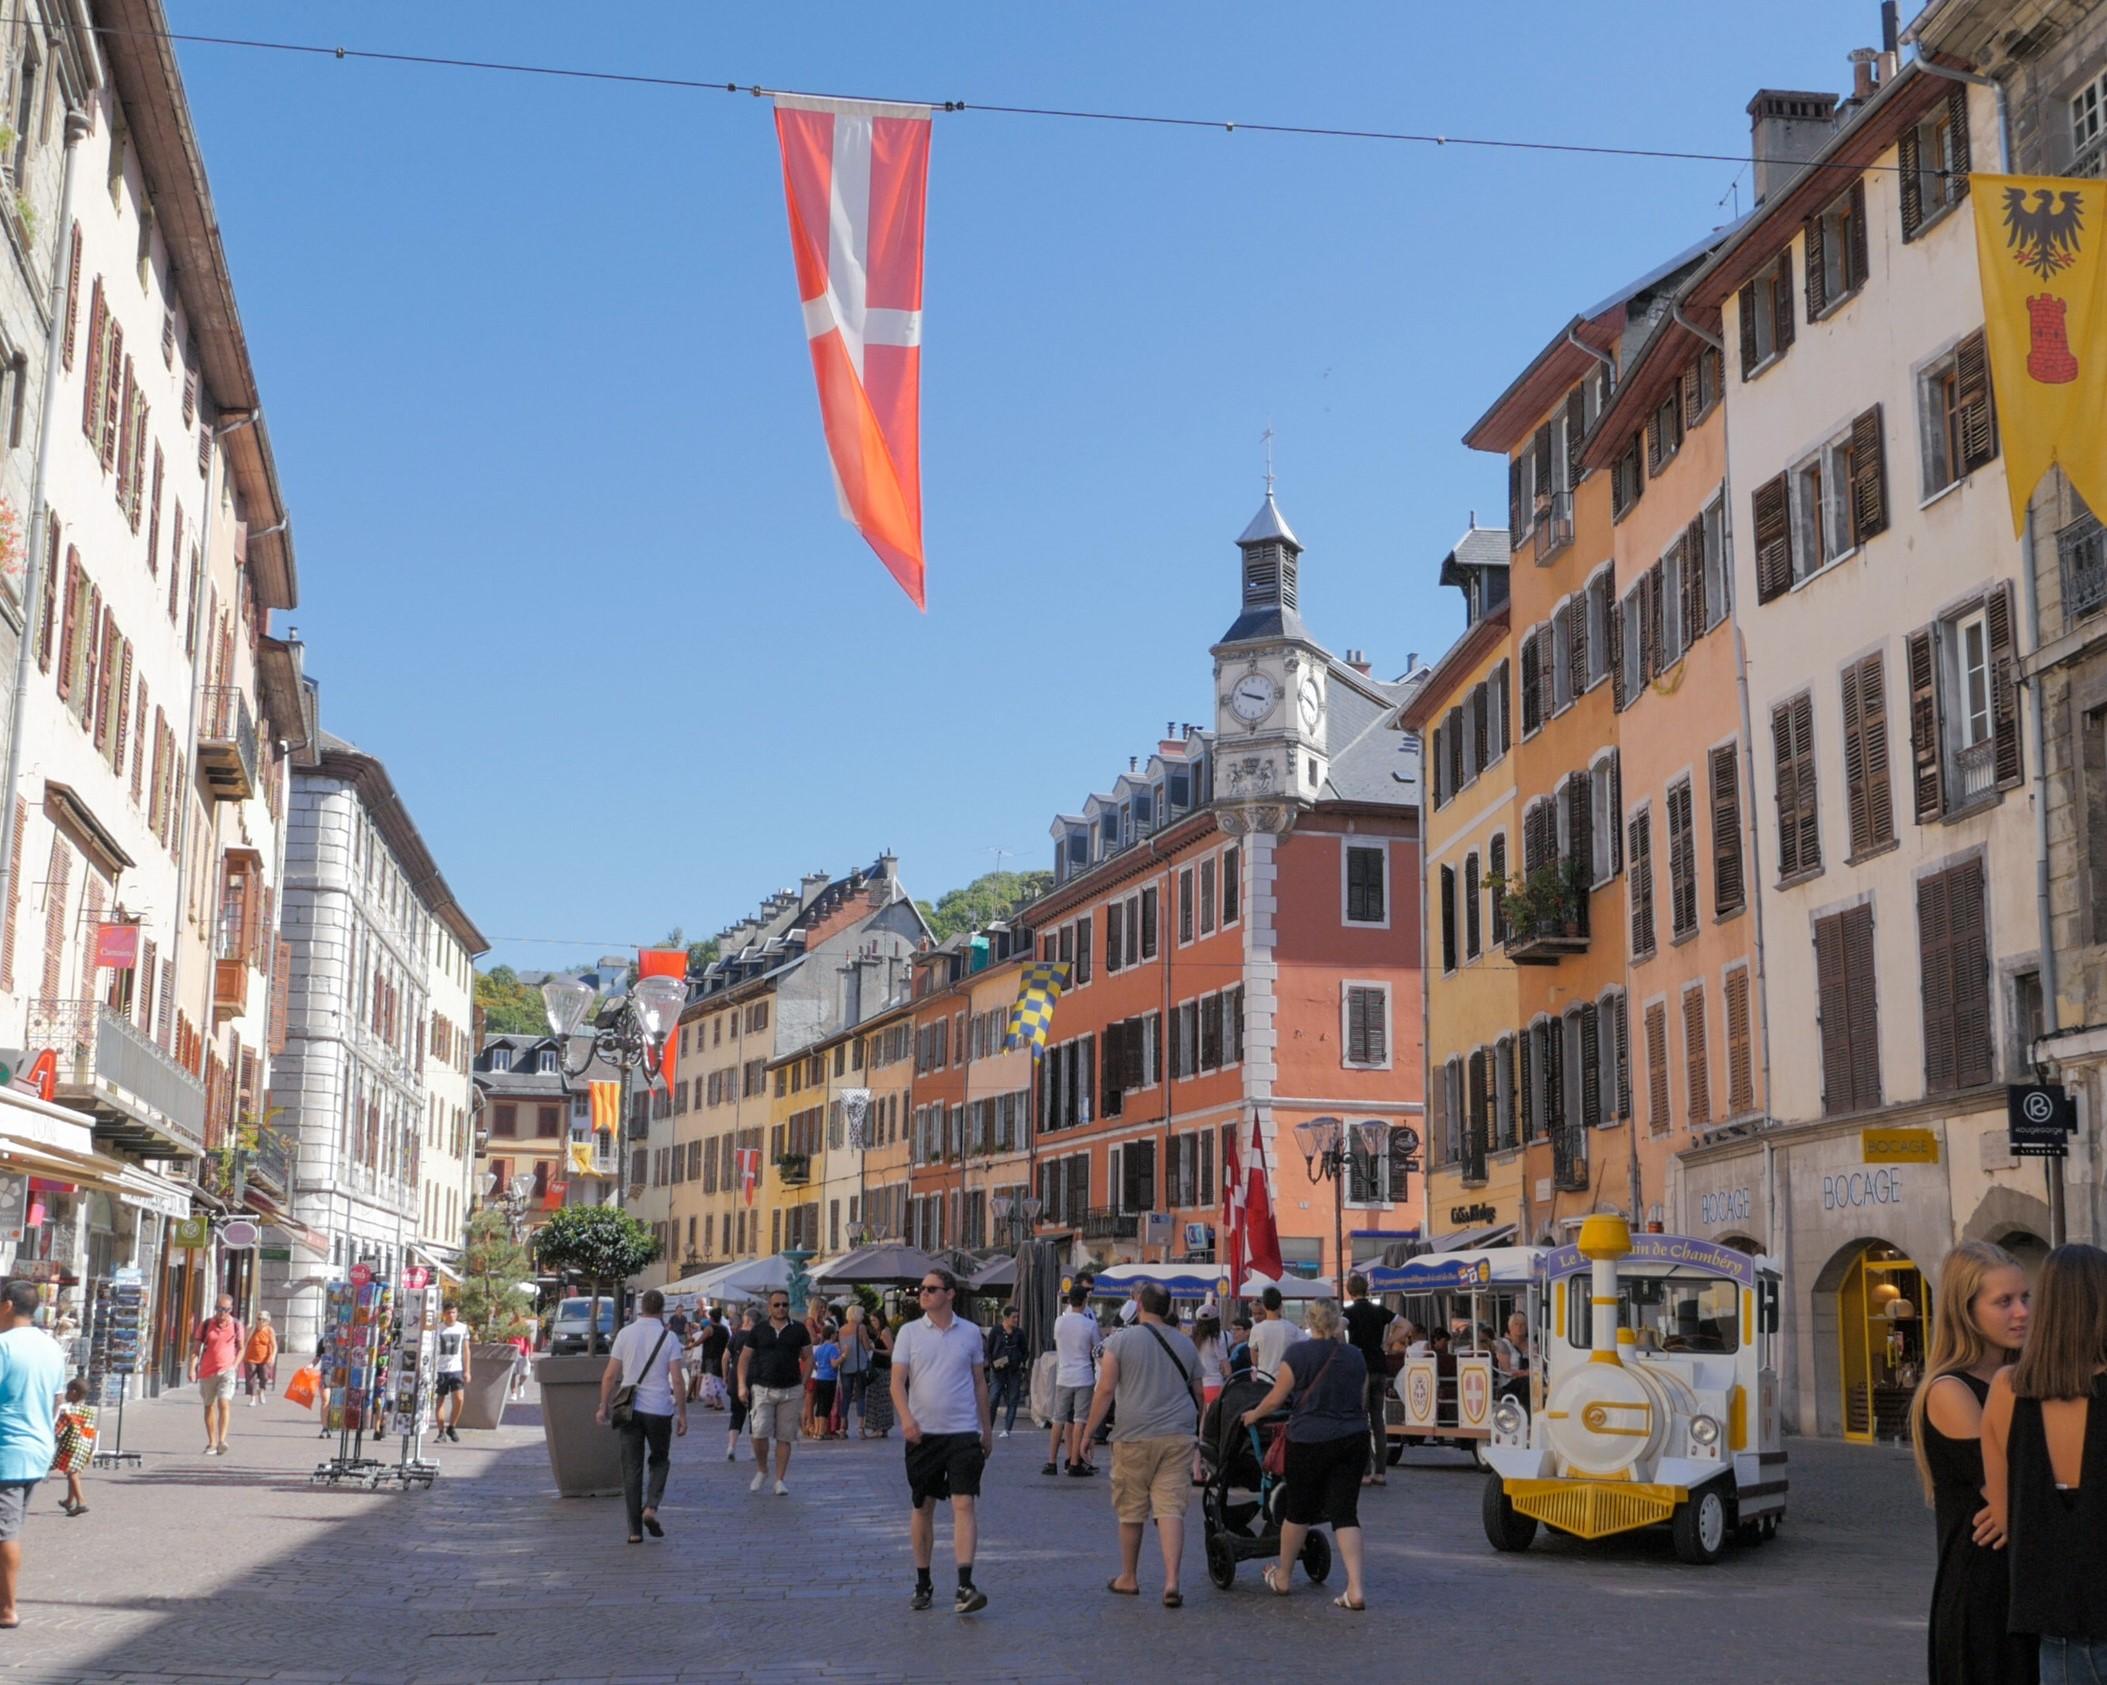 Rue piétonne dans les quartiers historiques de Chambéry - DR : Pioucube/CRT Auvergne-Rhône-Alpes